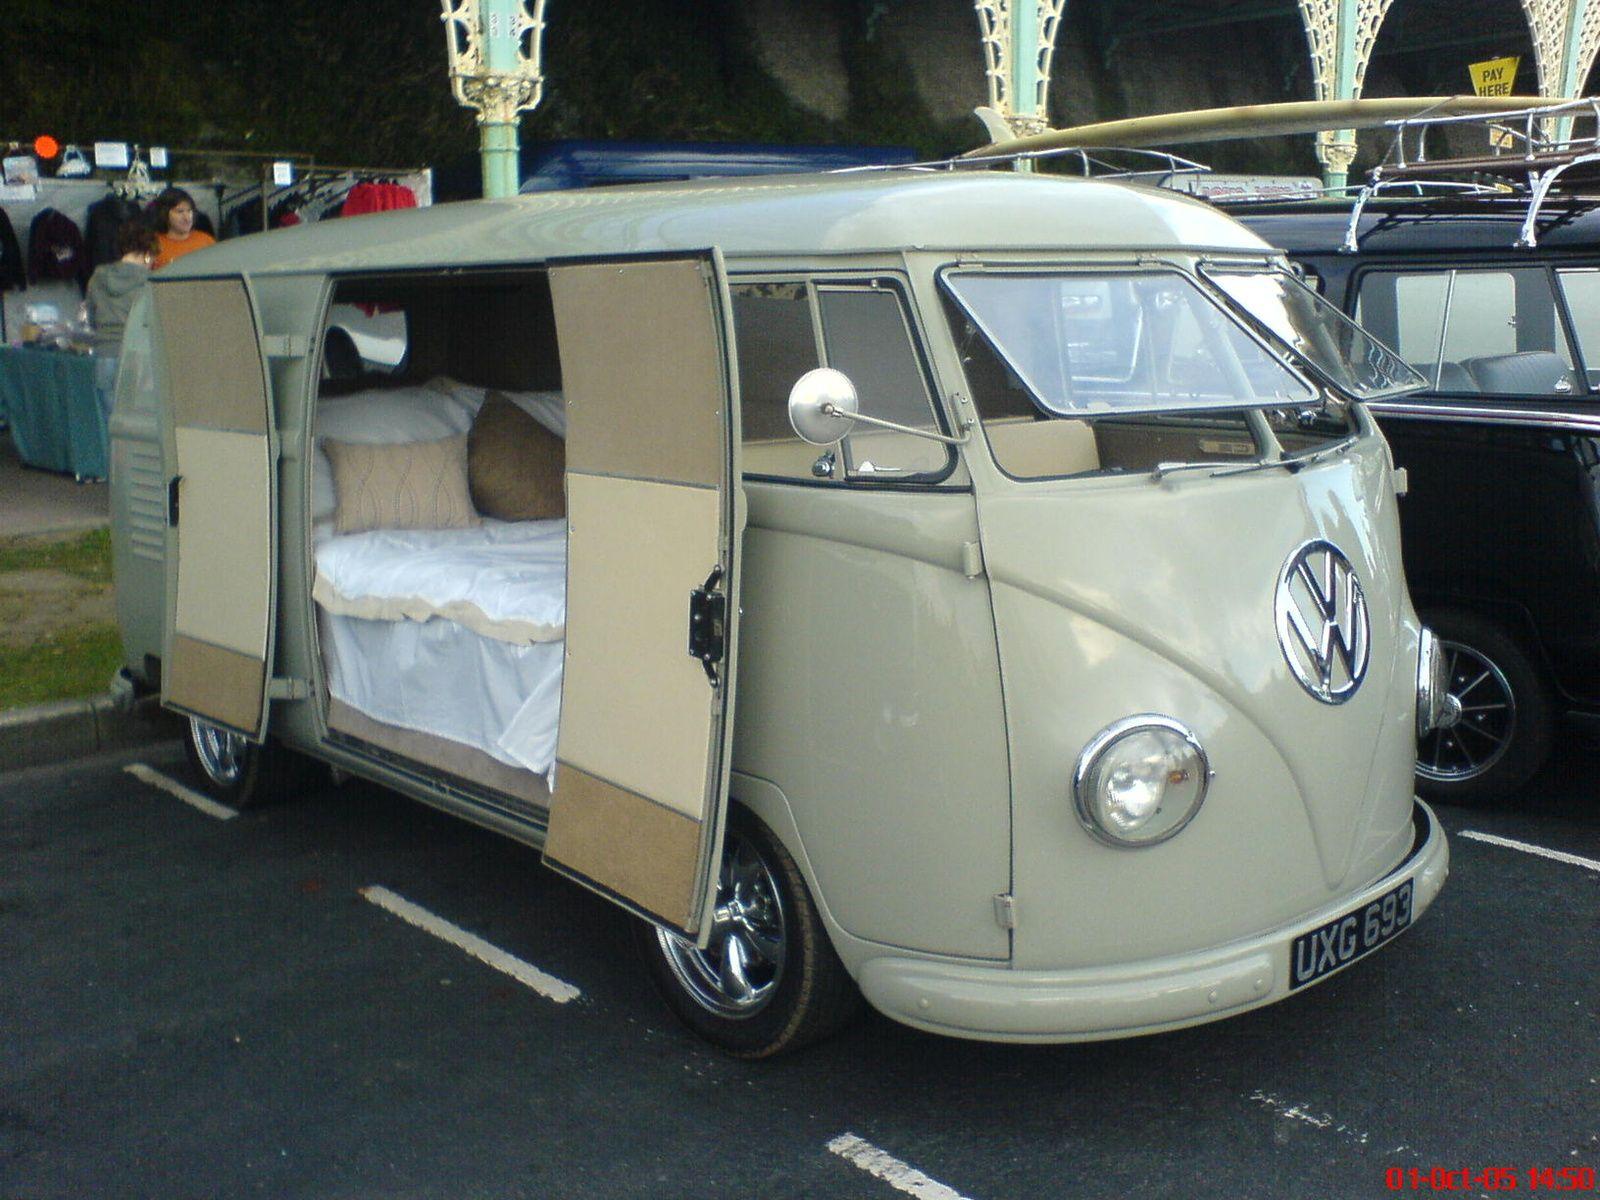 1963 67 Volkswagen Deluxe Bus Van Clic Hd Wallpapers 1080p Vw O Pinterest Vans And